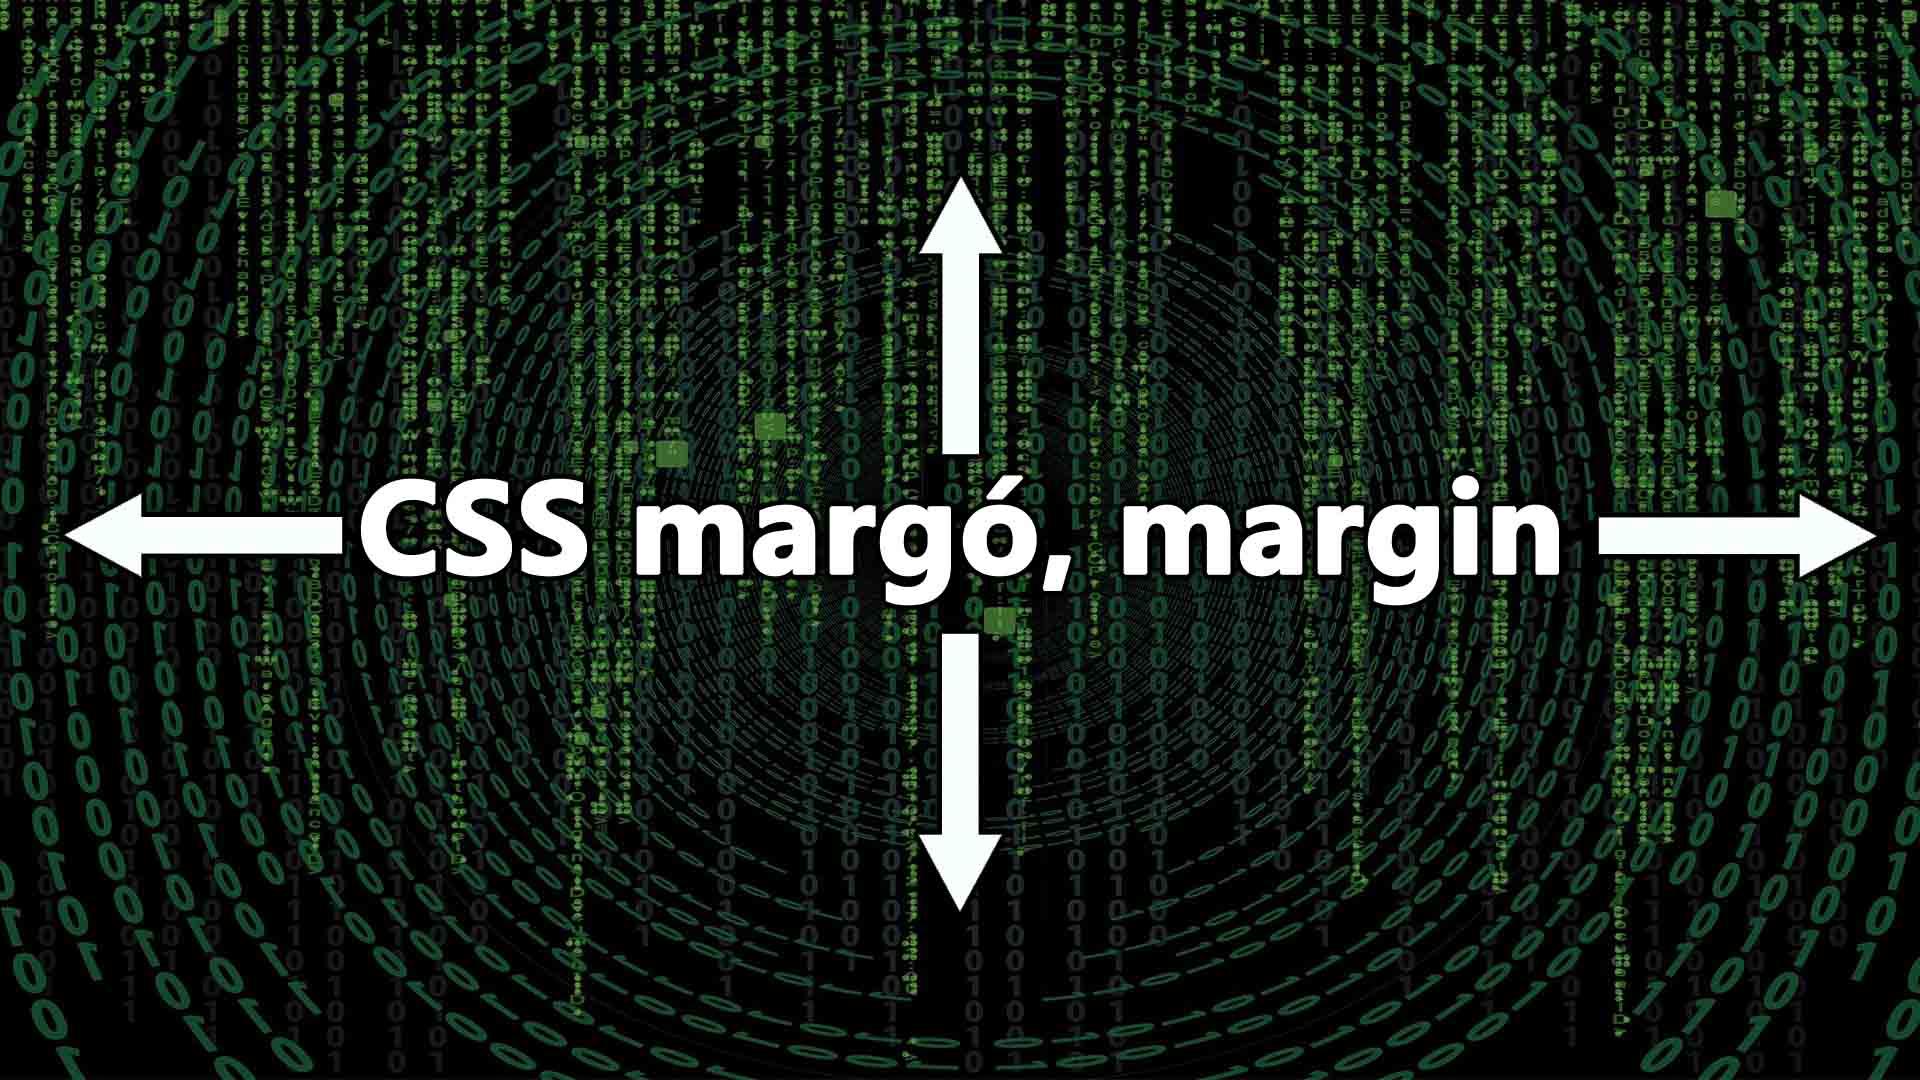 CSS margó beállítása (CSS margin) cikk nyitóképe